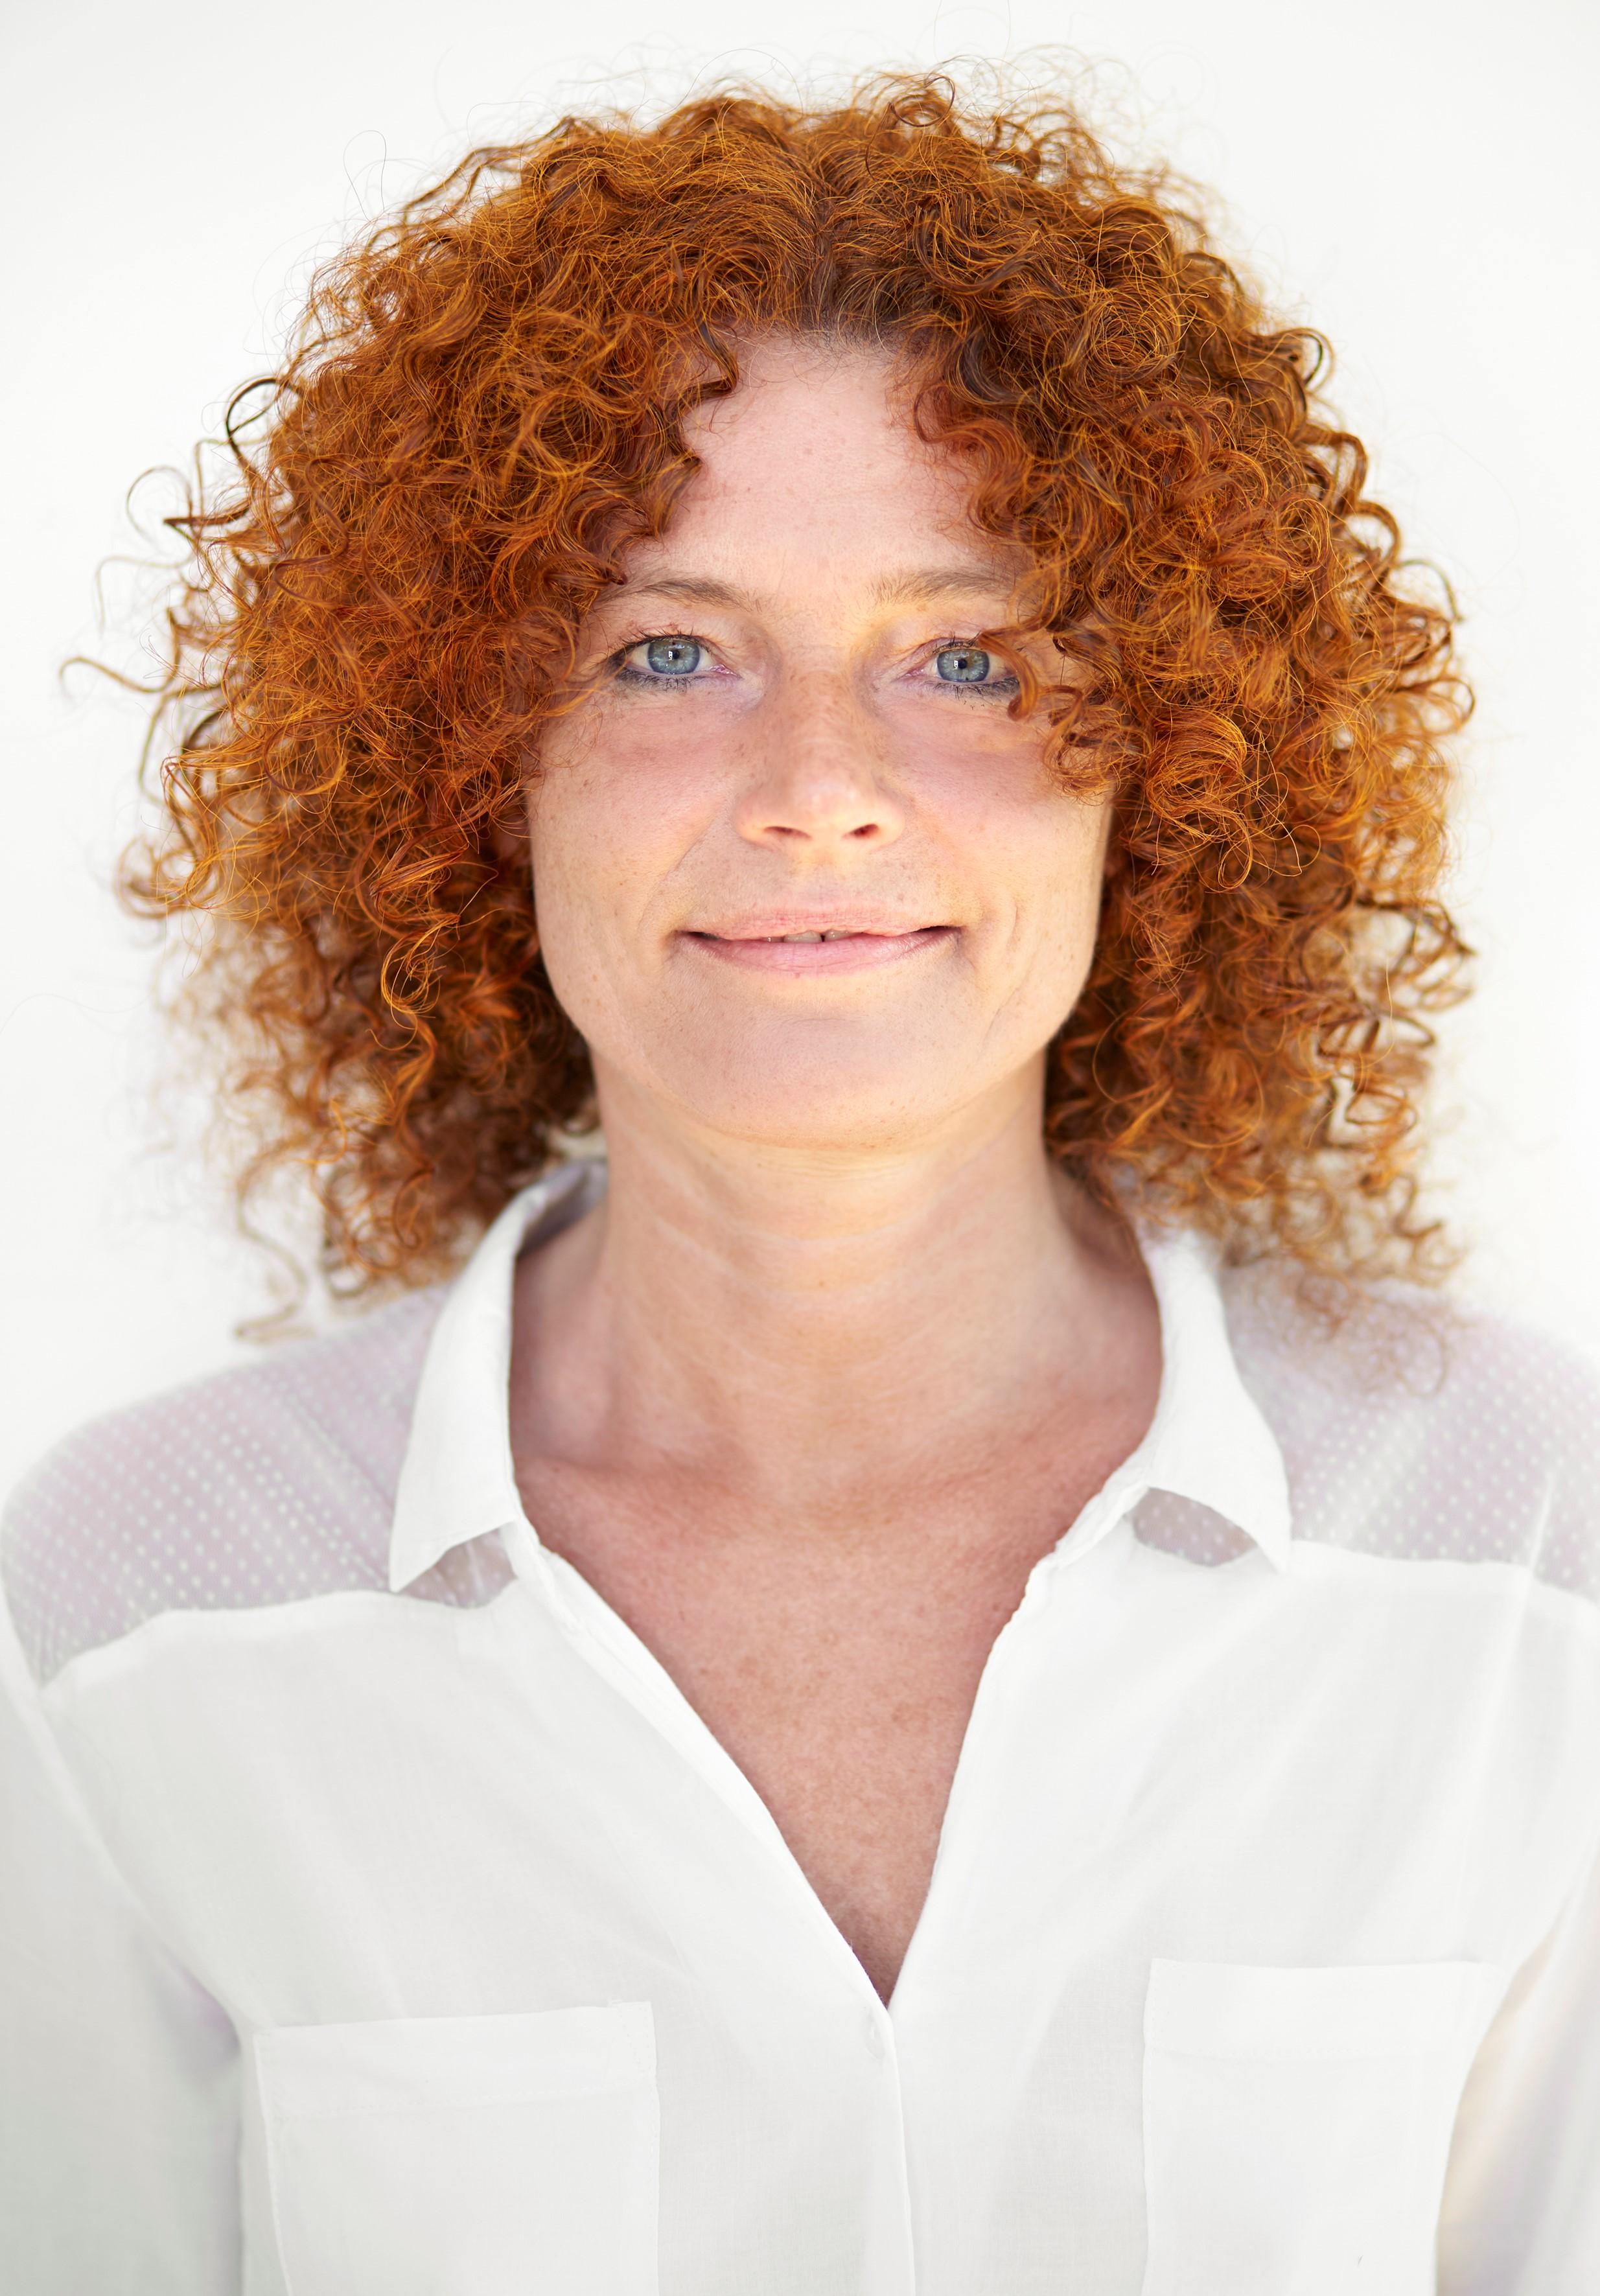 Verena Halvax